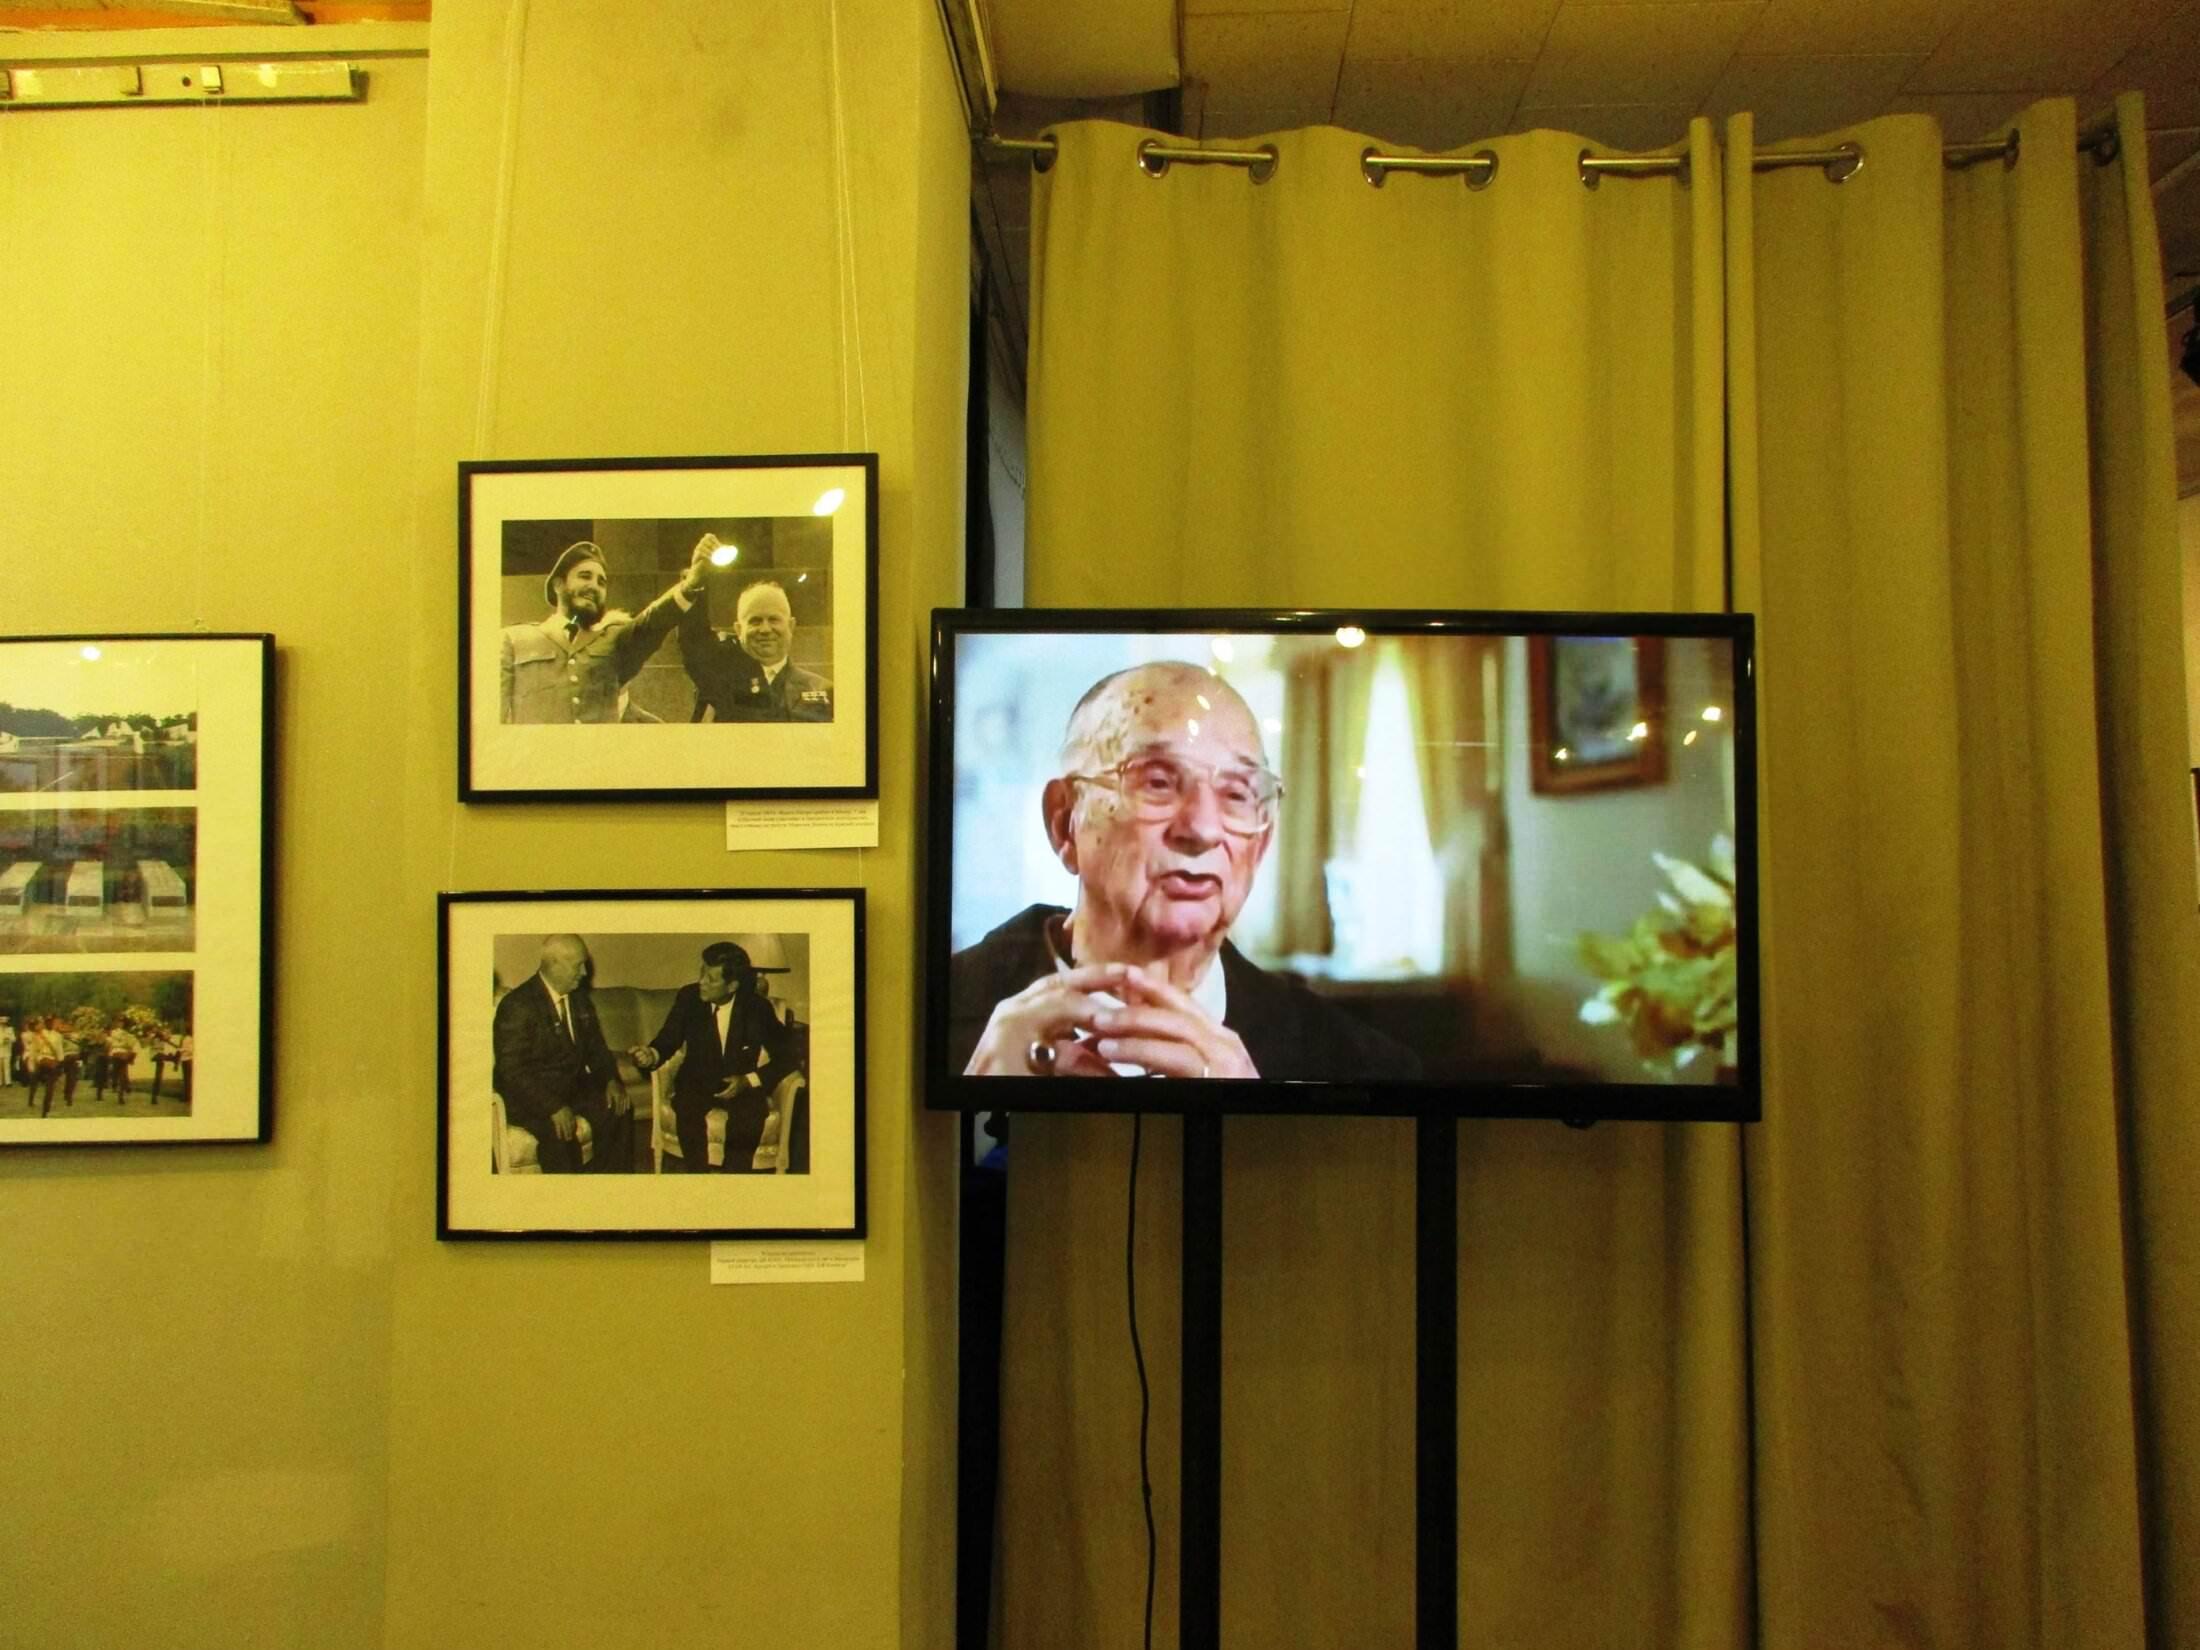 2016-10-27. Мемориал, политические лидеры, телевизор, по которому идет фильм о Карибском кризисе